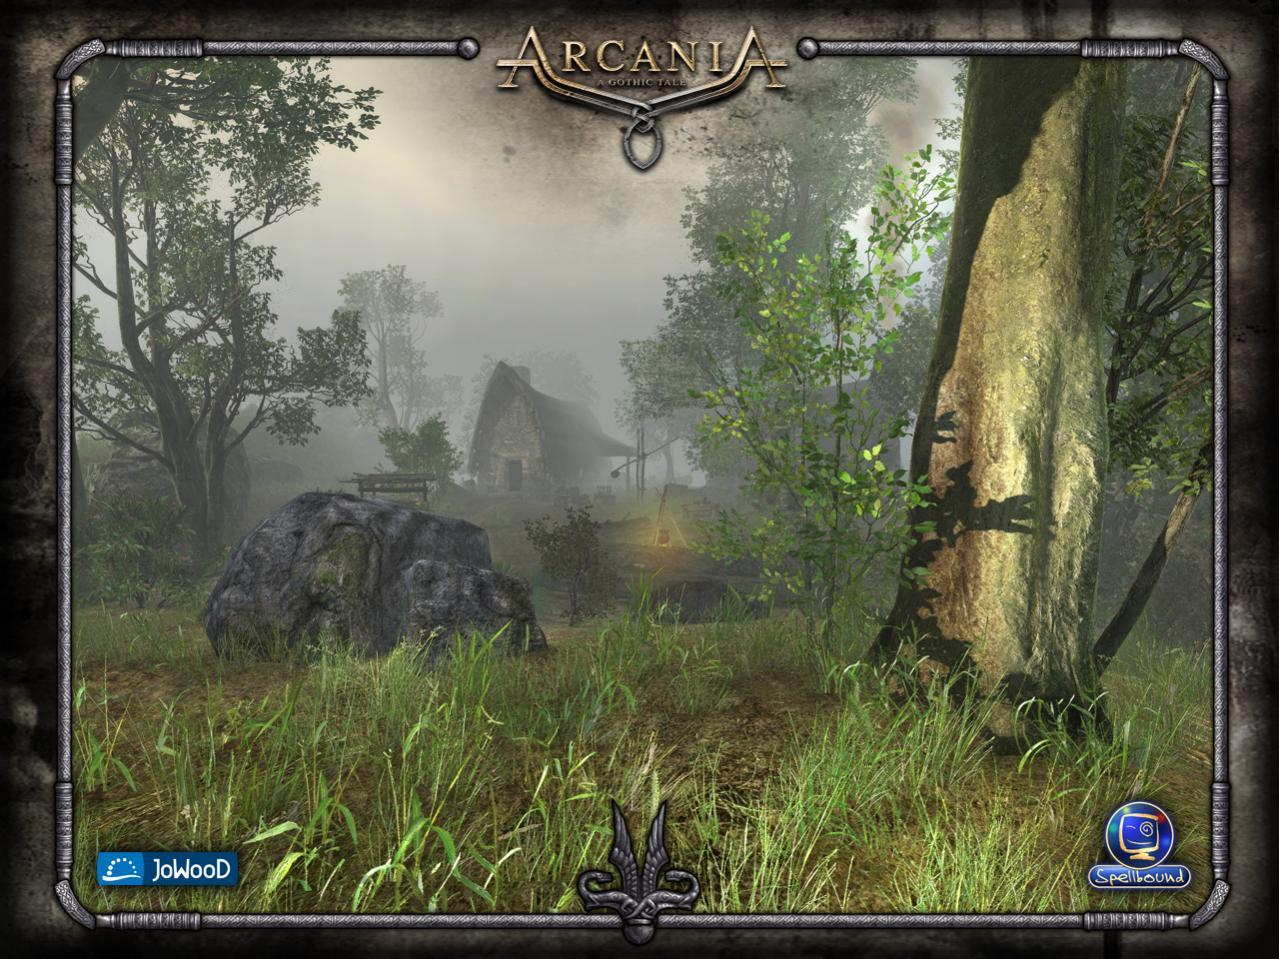 Klicke auf die Grafik für eine größere Ansicht  Name:arcania_new2.jpg Hits:66 Größe:229,6 KB ID:77776